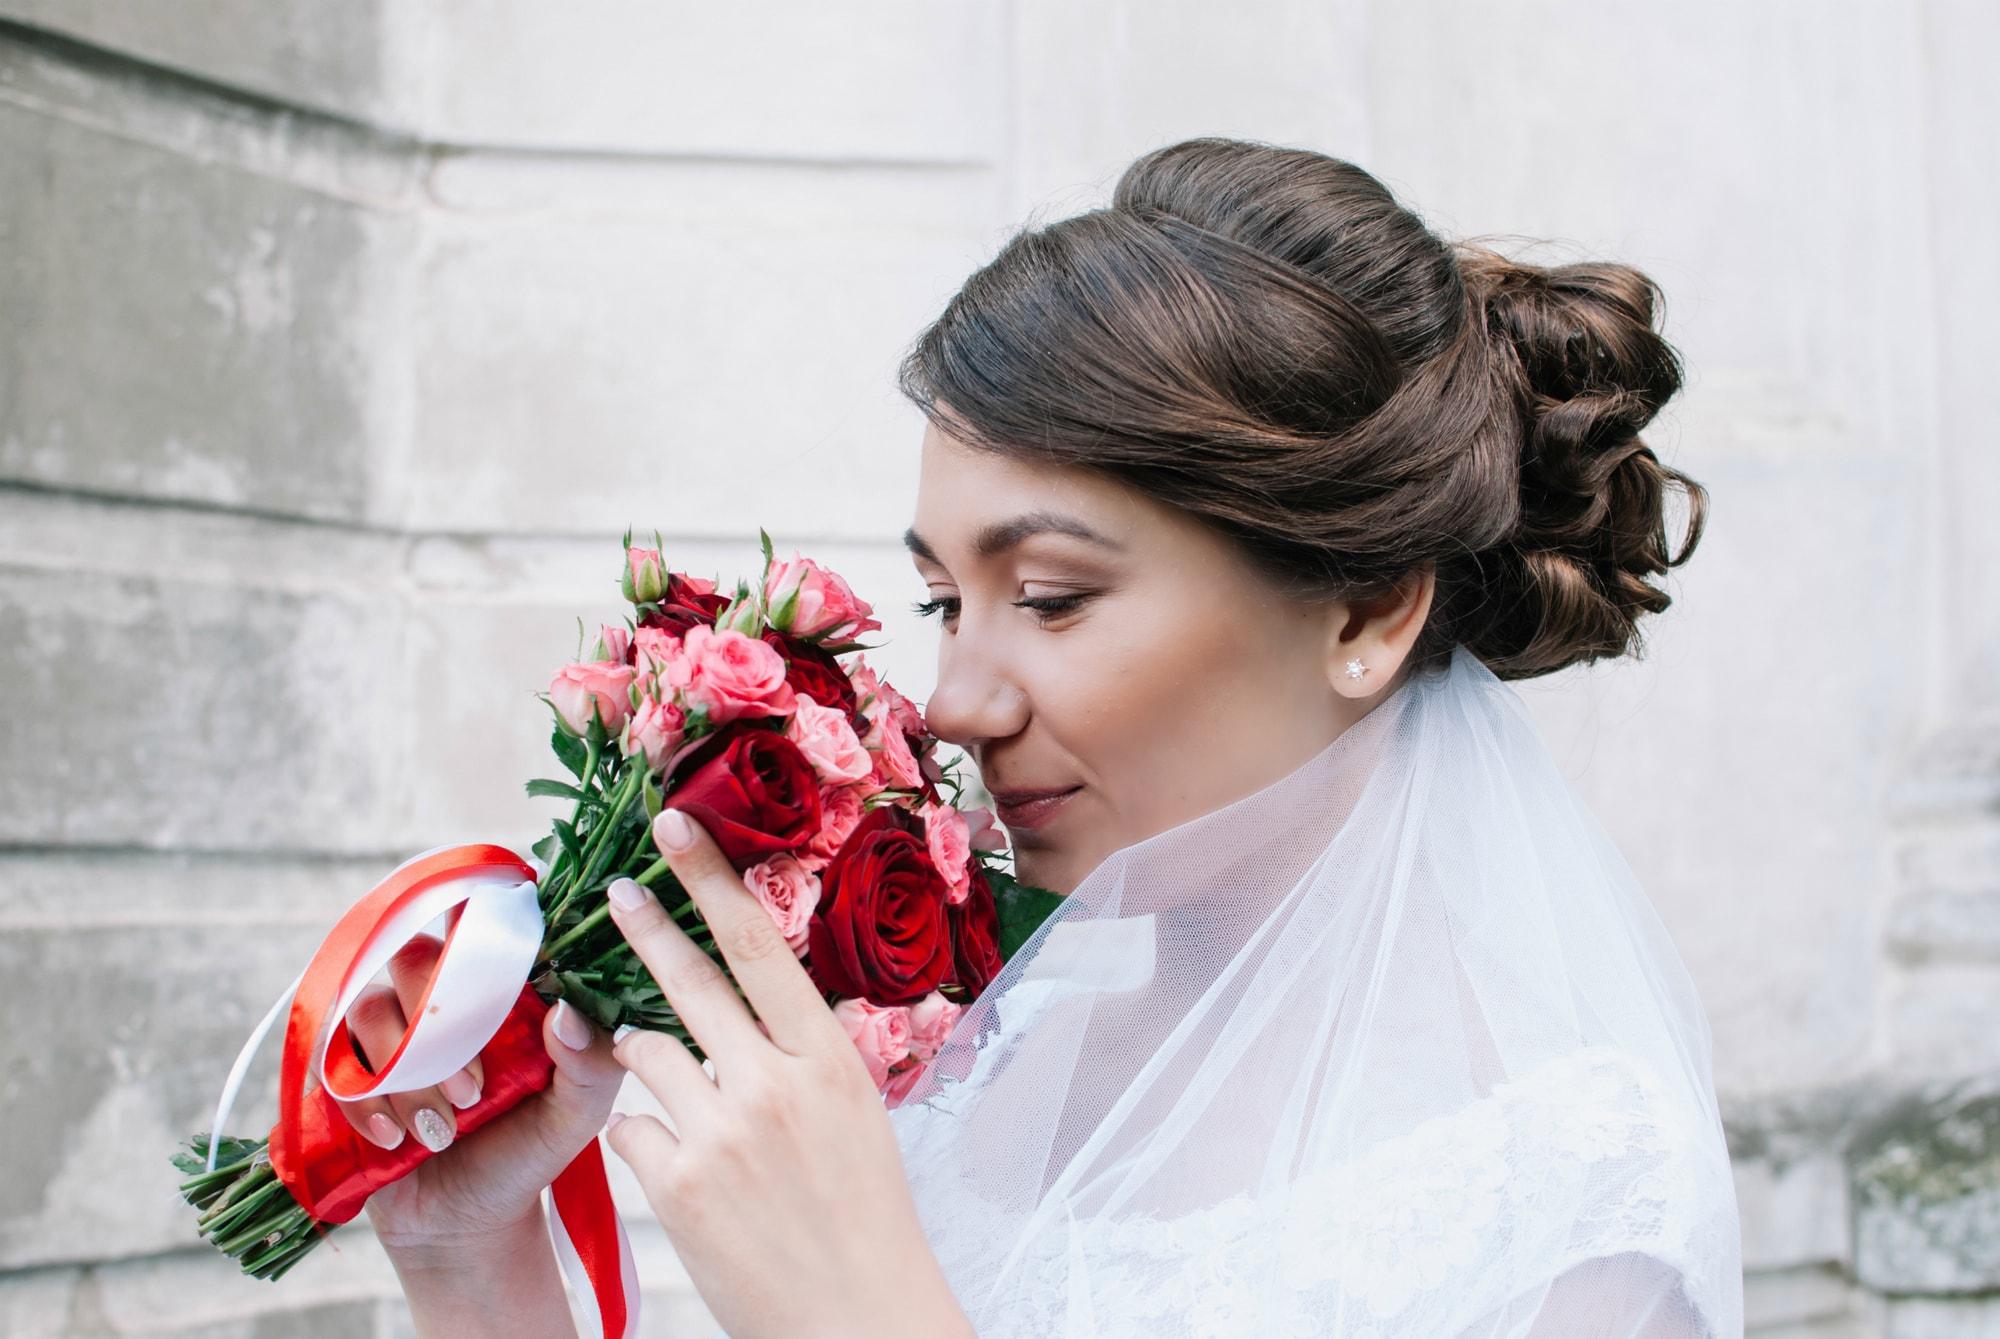 Невеста и свадебный букет - Фотограф Киев - Женя Лайт